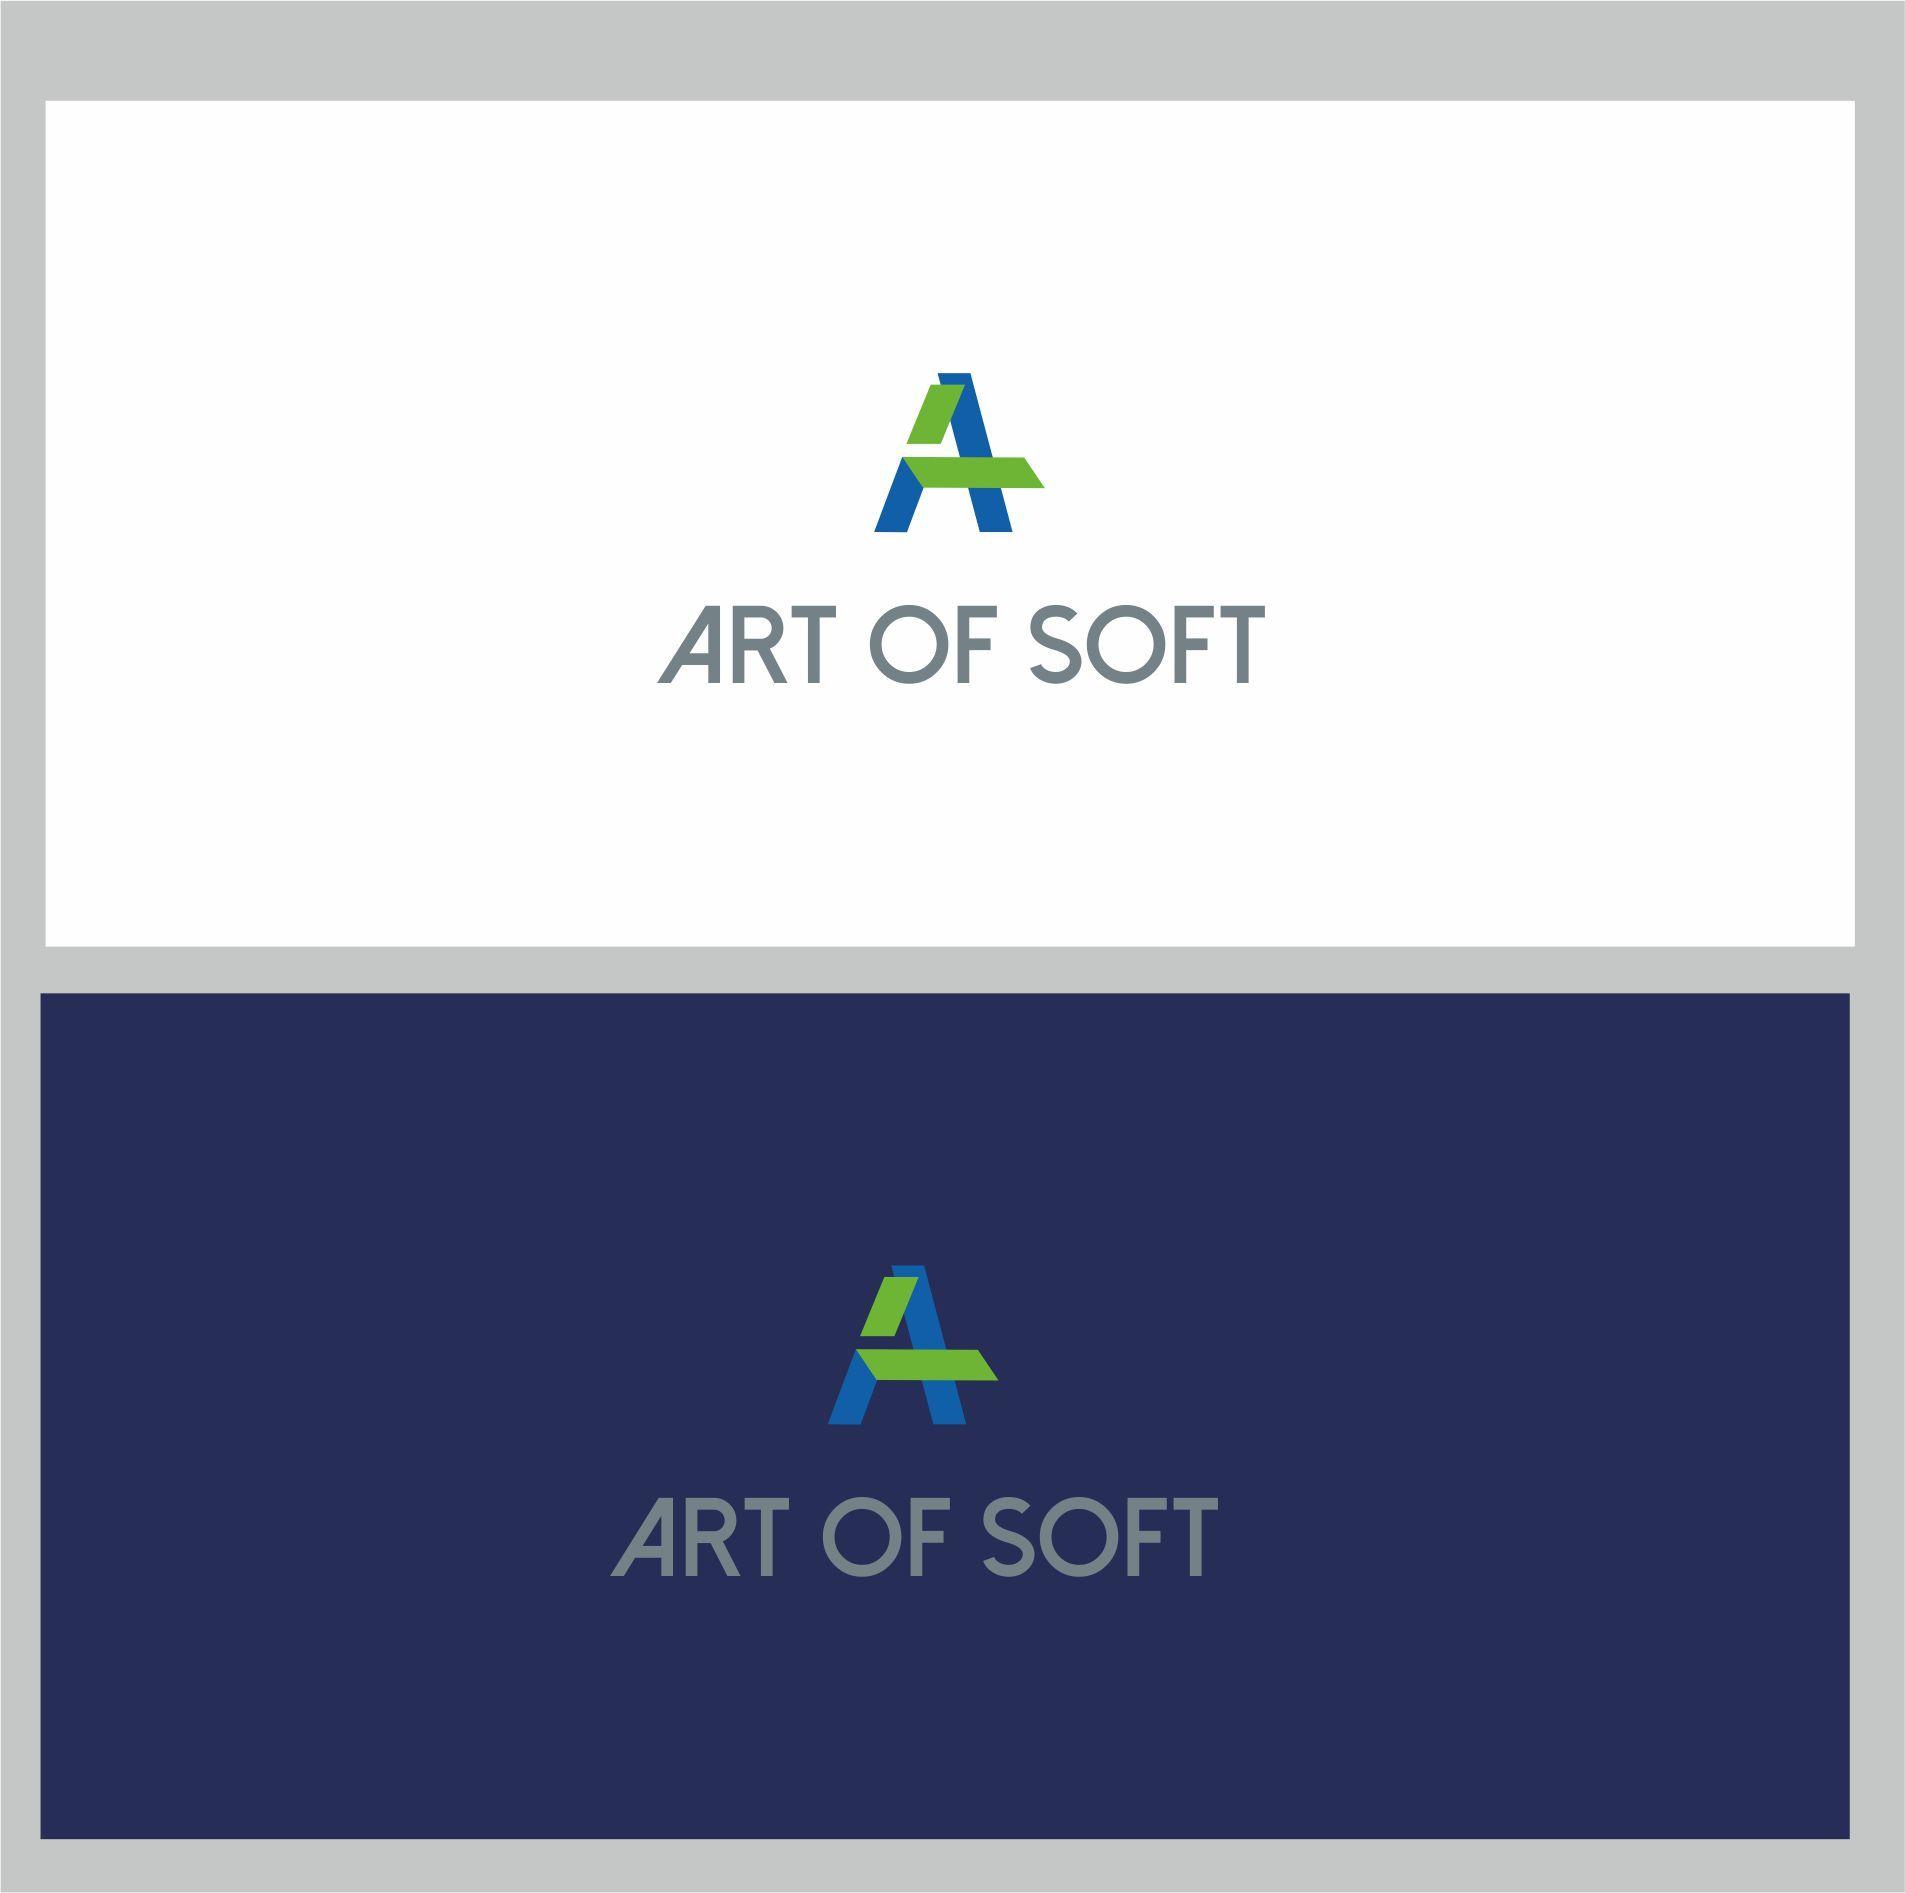 Логотип и фирменный стиль для разработчика ПО - дизайнер dbyjuhfl